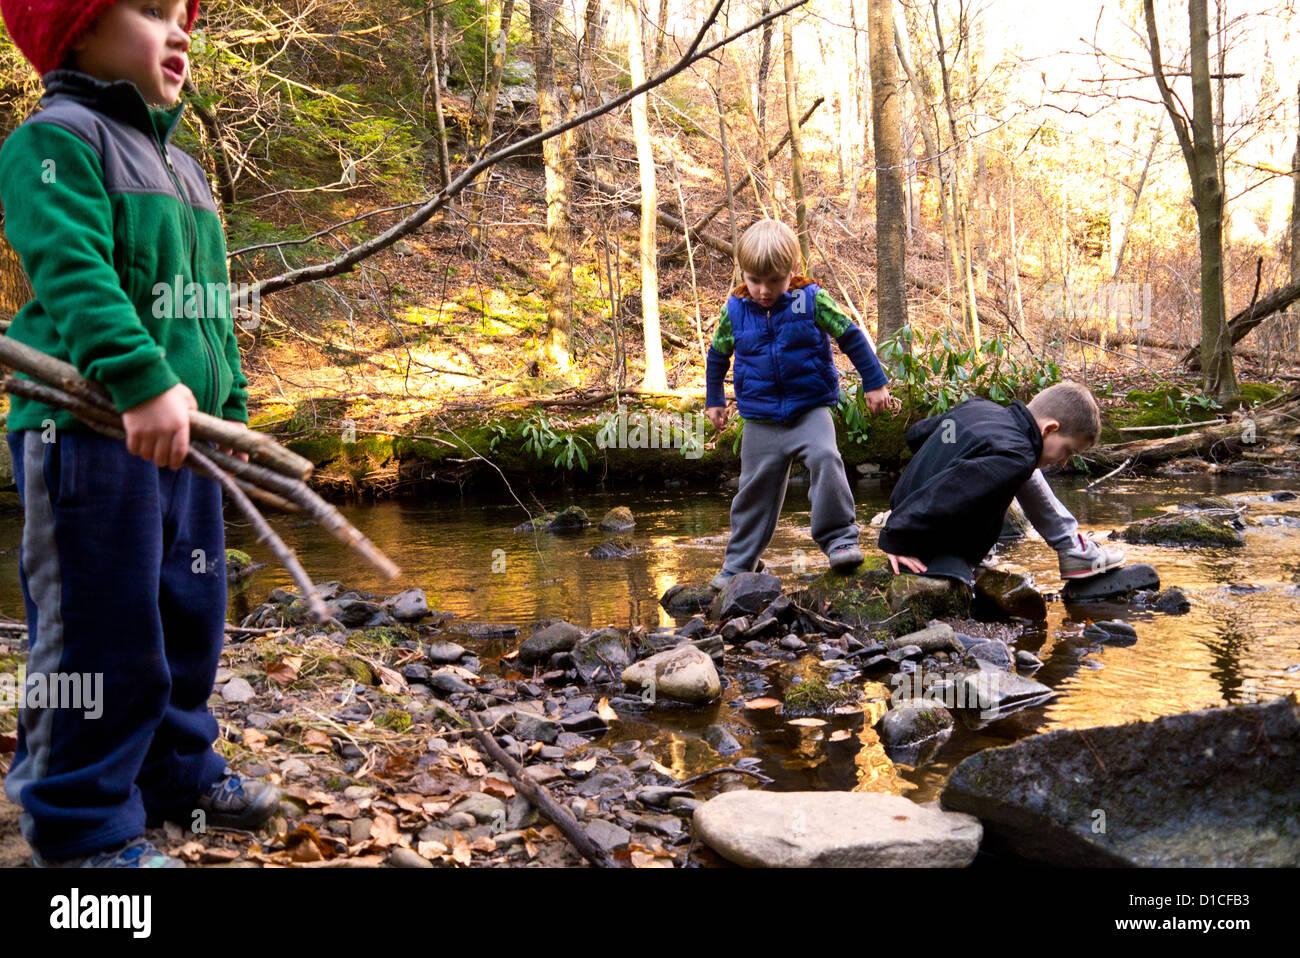 Tres chicos jugando en y alrededor de una corriente en un día de otoño Imagen De Stock